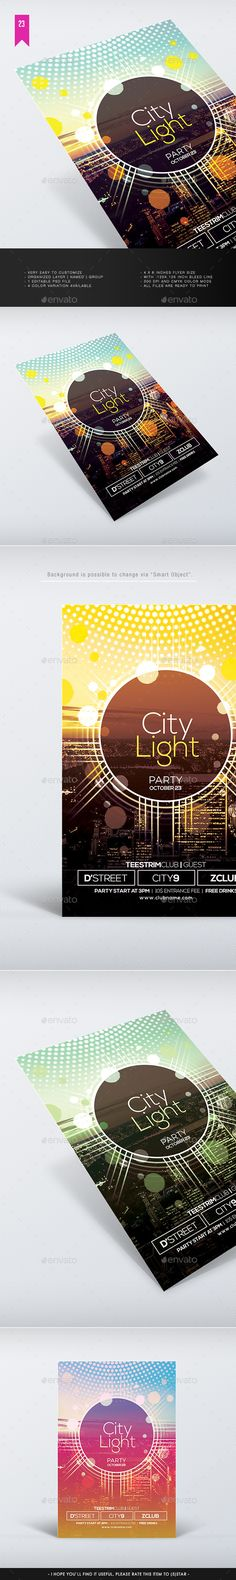 City Light Flyer Template #design Download: http://graphicriver.net/item/city-light-flyer-template/12579519?ref=ksioks